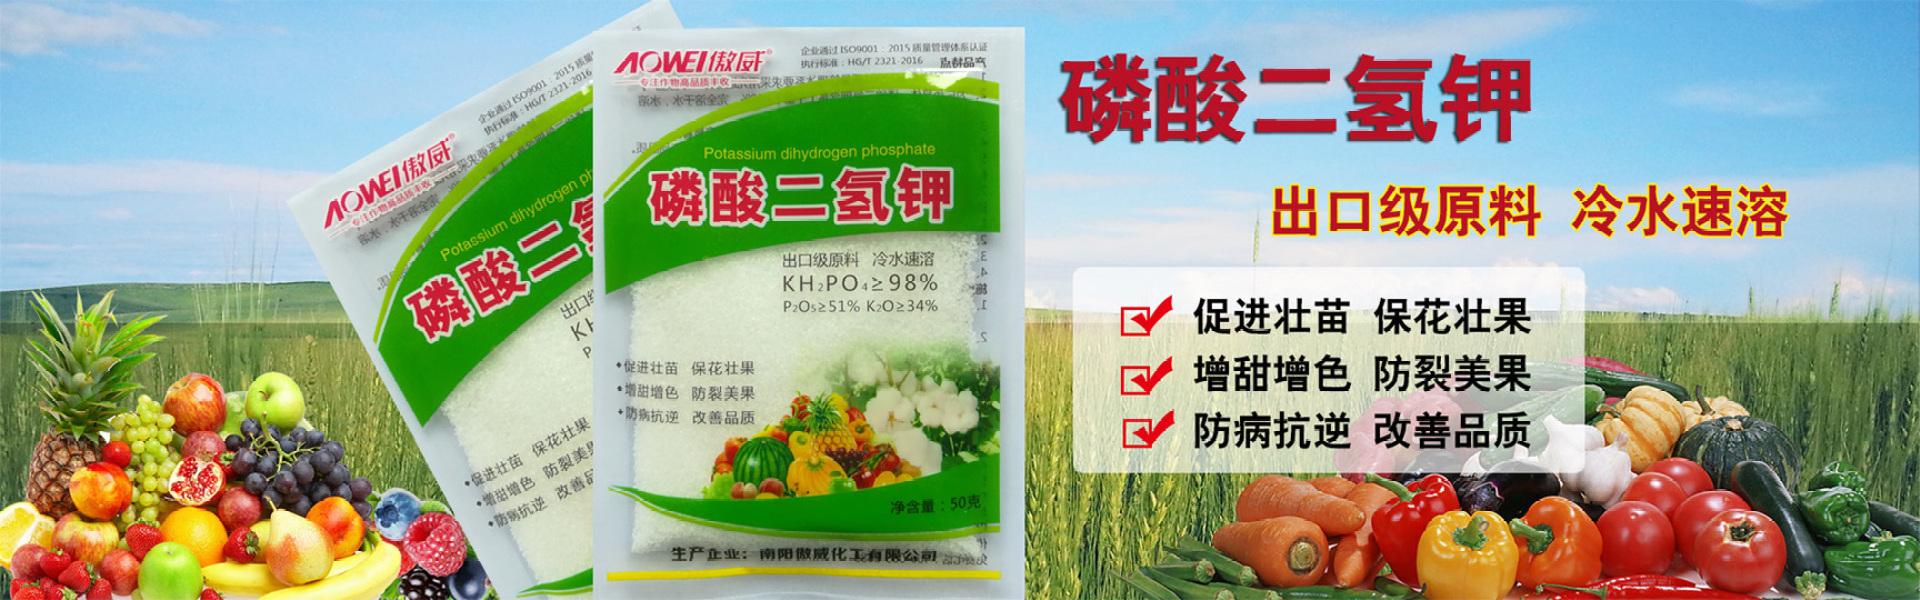 磷肥主要的作用就是促進枝干的營養吸收,增加植物的抗逆性,想要植物更加的茁壯,就必須讓土壤里含有充足的磷肥。磷肥也是促使花芽分化的主要成分,就是在植物開花之前,可以給植物花卉噴霧,大約7天一次,連續三次。如果是灌根大約半月一次,連續兩次。基本就能夠植株開花了。鉀肥是根系發育生長,以及增加果實質量的養分。在植物的果實的成熟期,以及果實成熟之后,都需要施鉀肥,來養護根系。